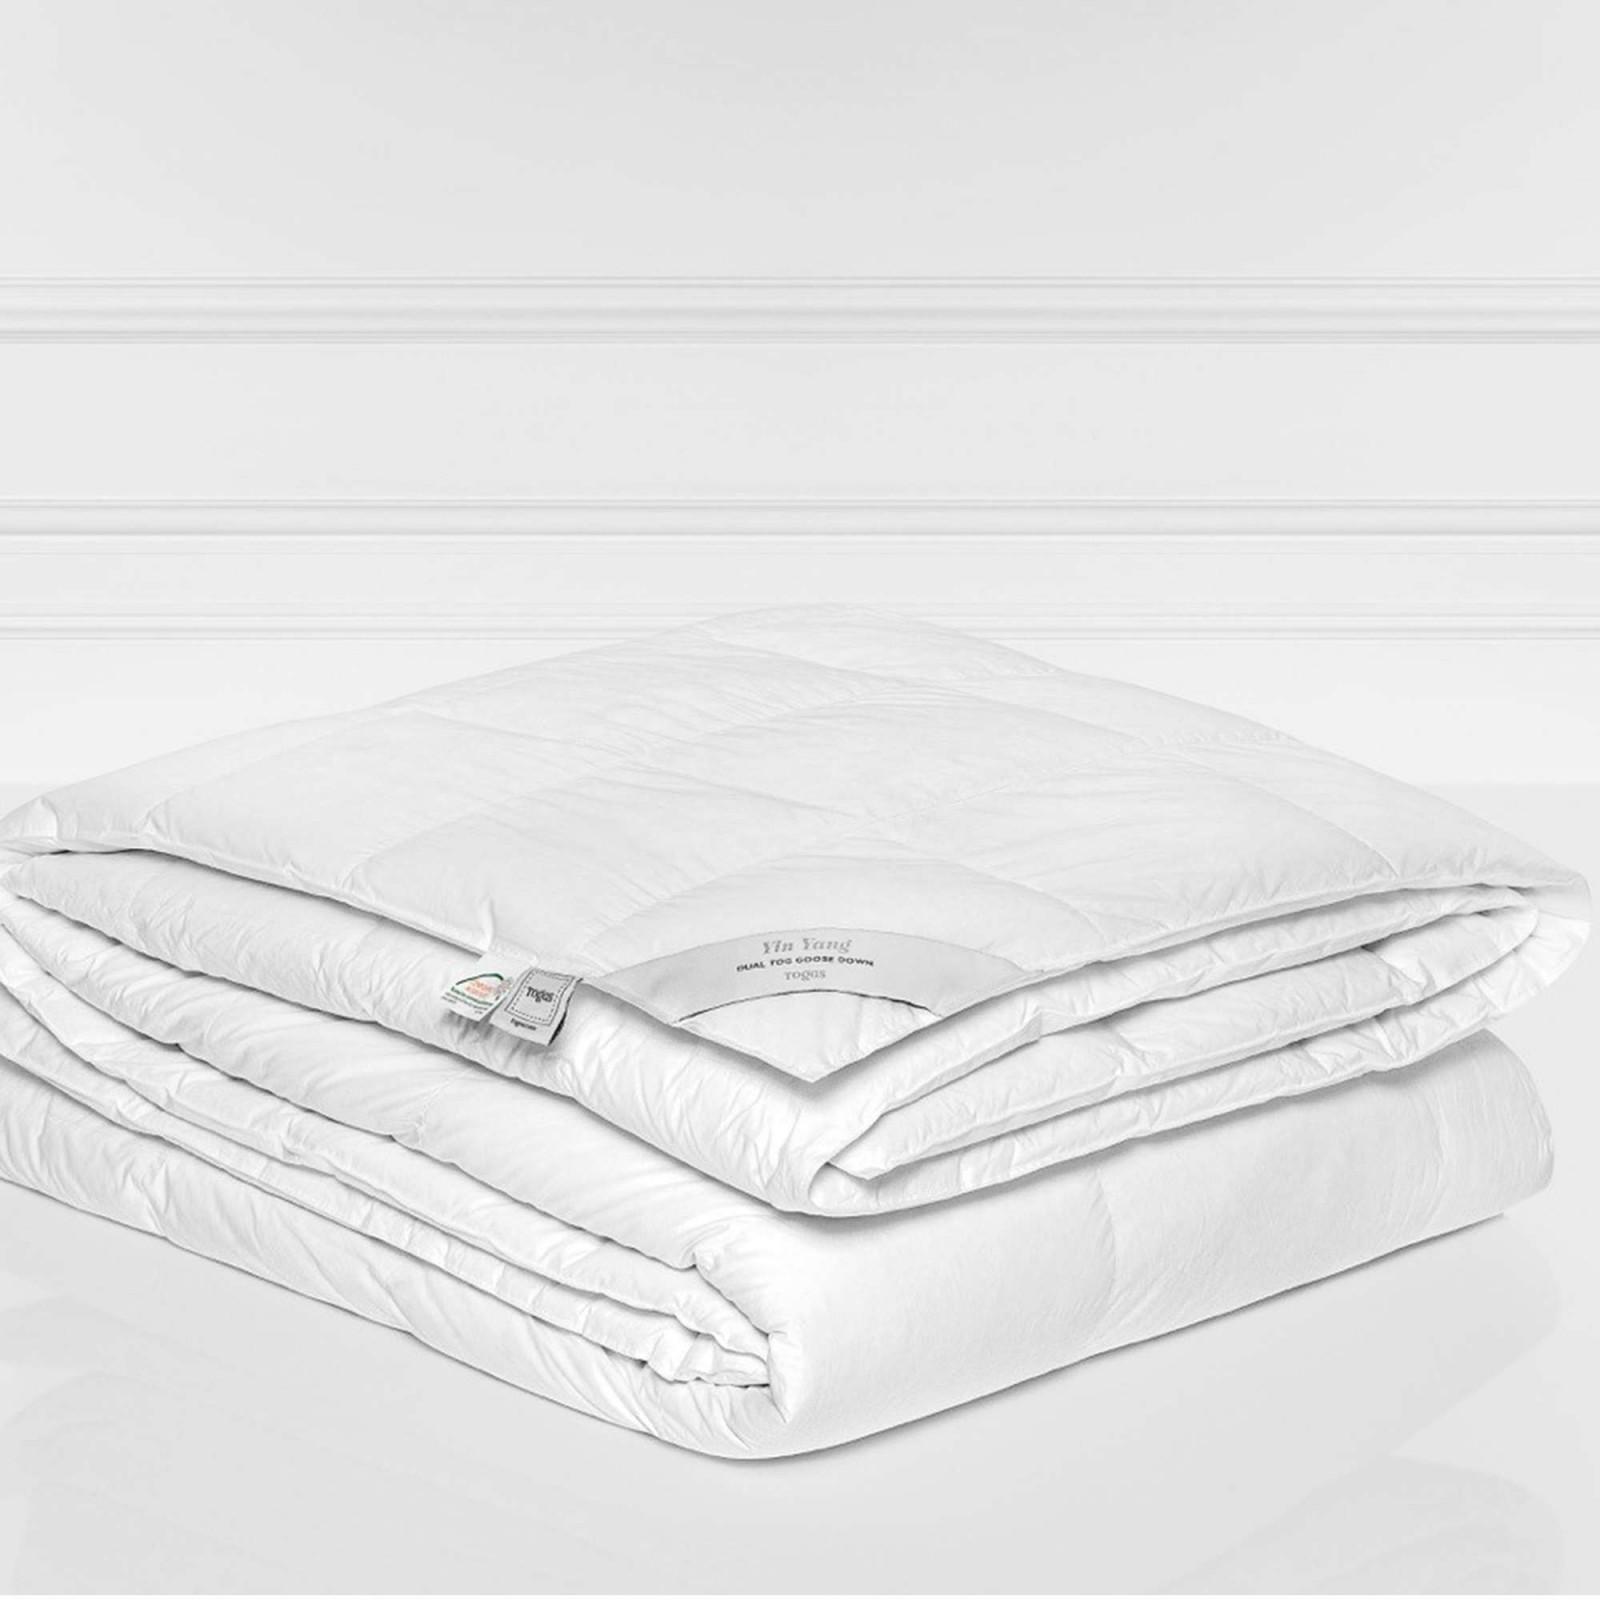 Купить Одеяла Togas, Одеяло Инь Янь Всесезонное (200х210 см), Греция, Белый, Хлопковый батист